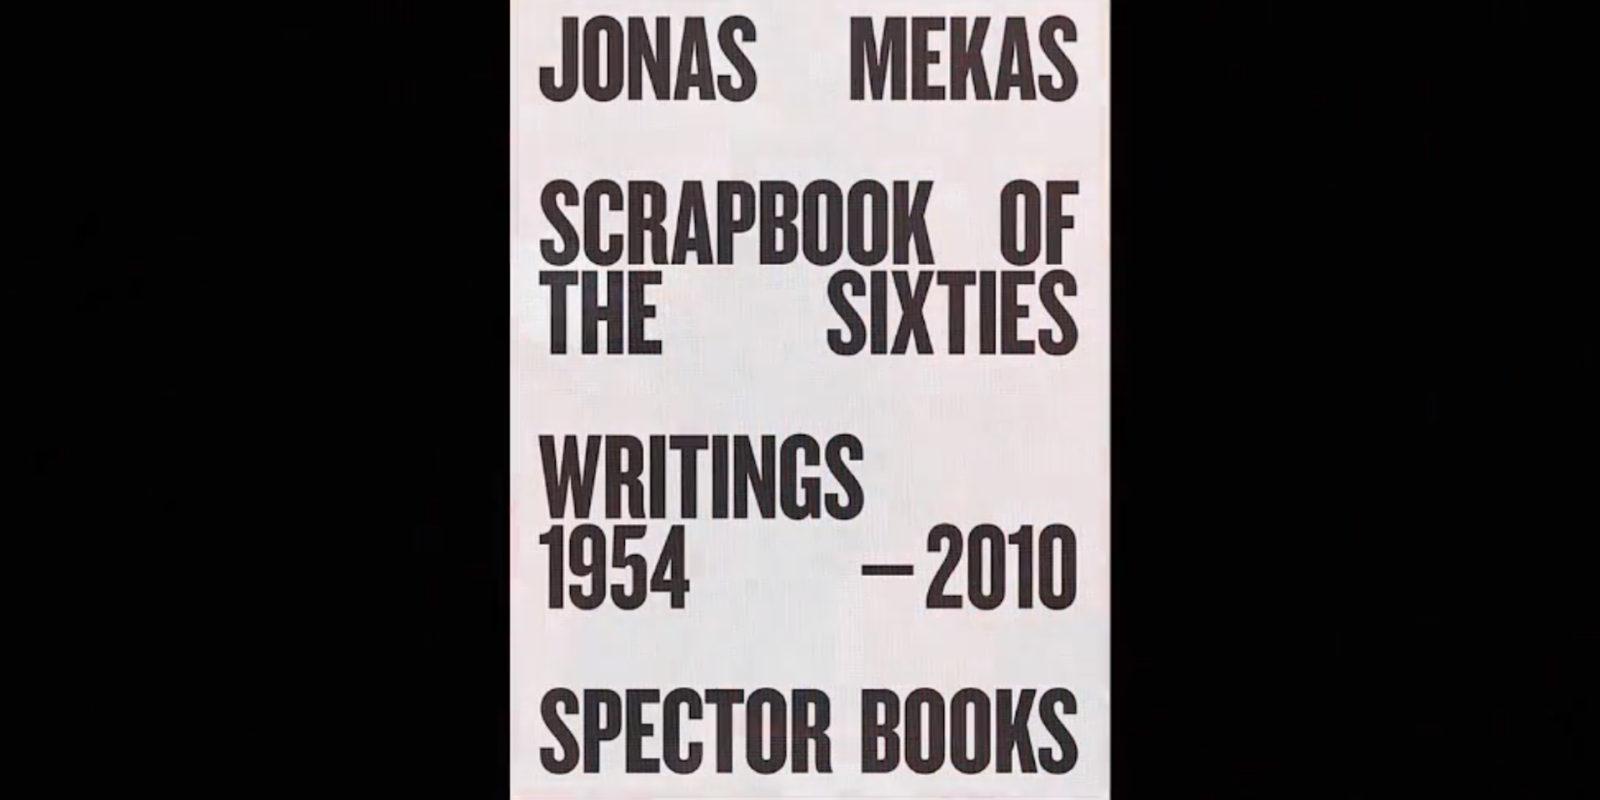 JonasMekas